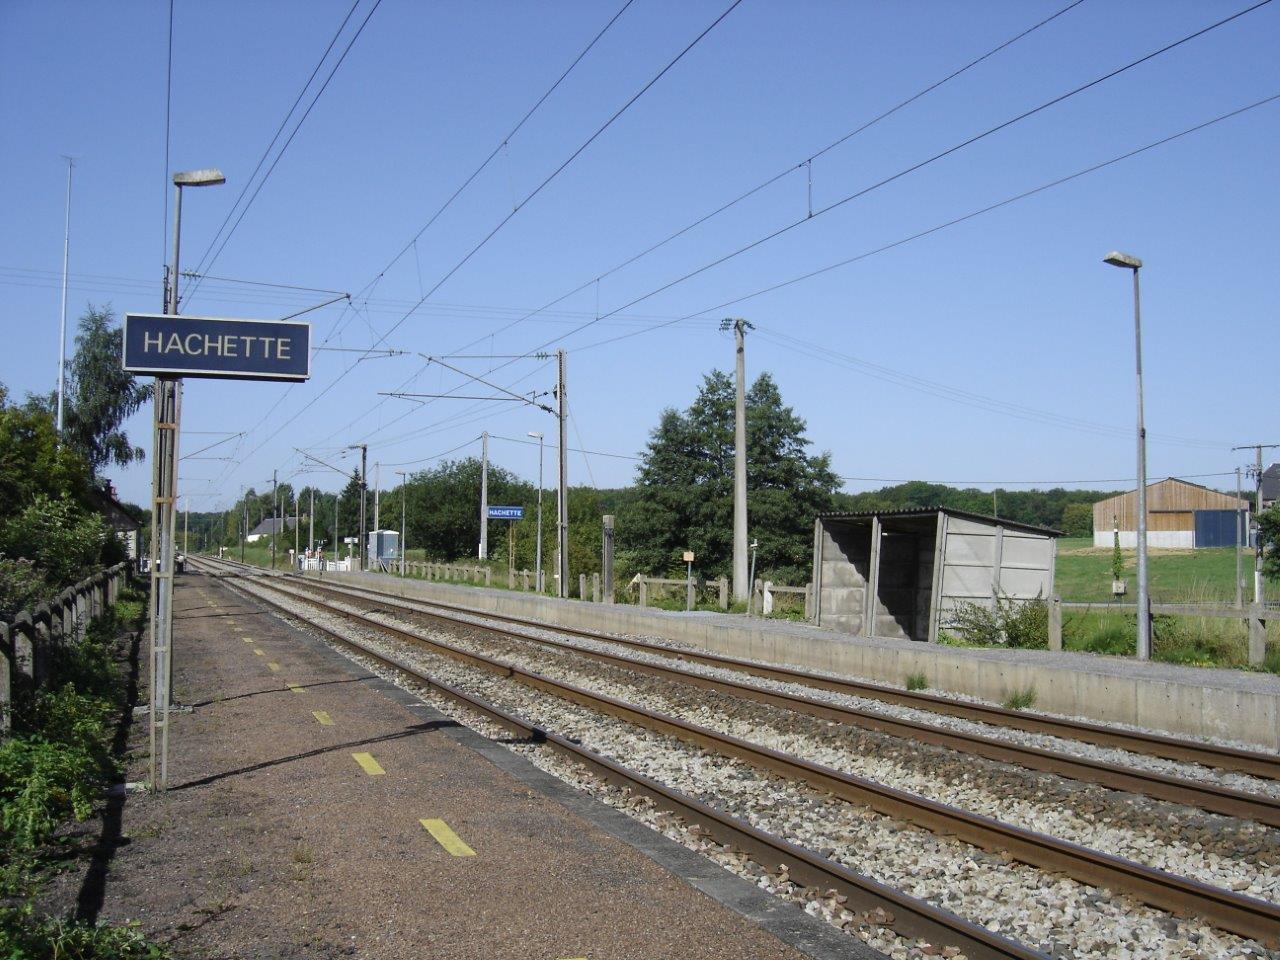 gare-de-hachette-train-station